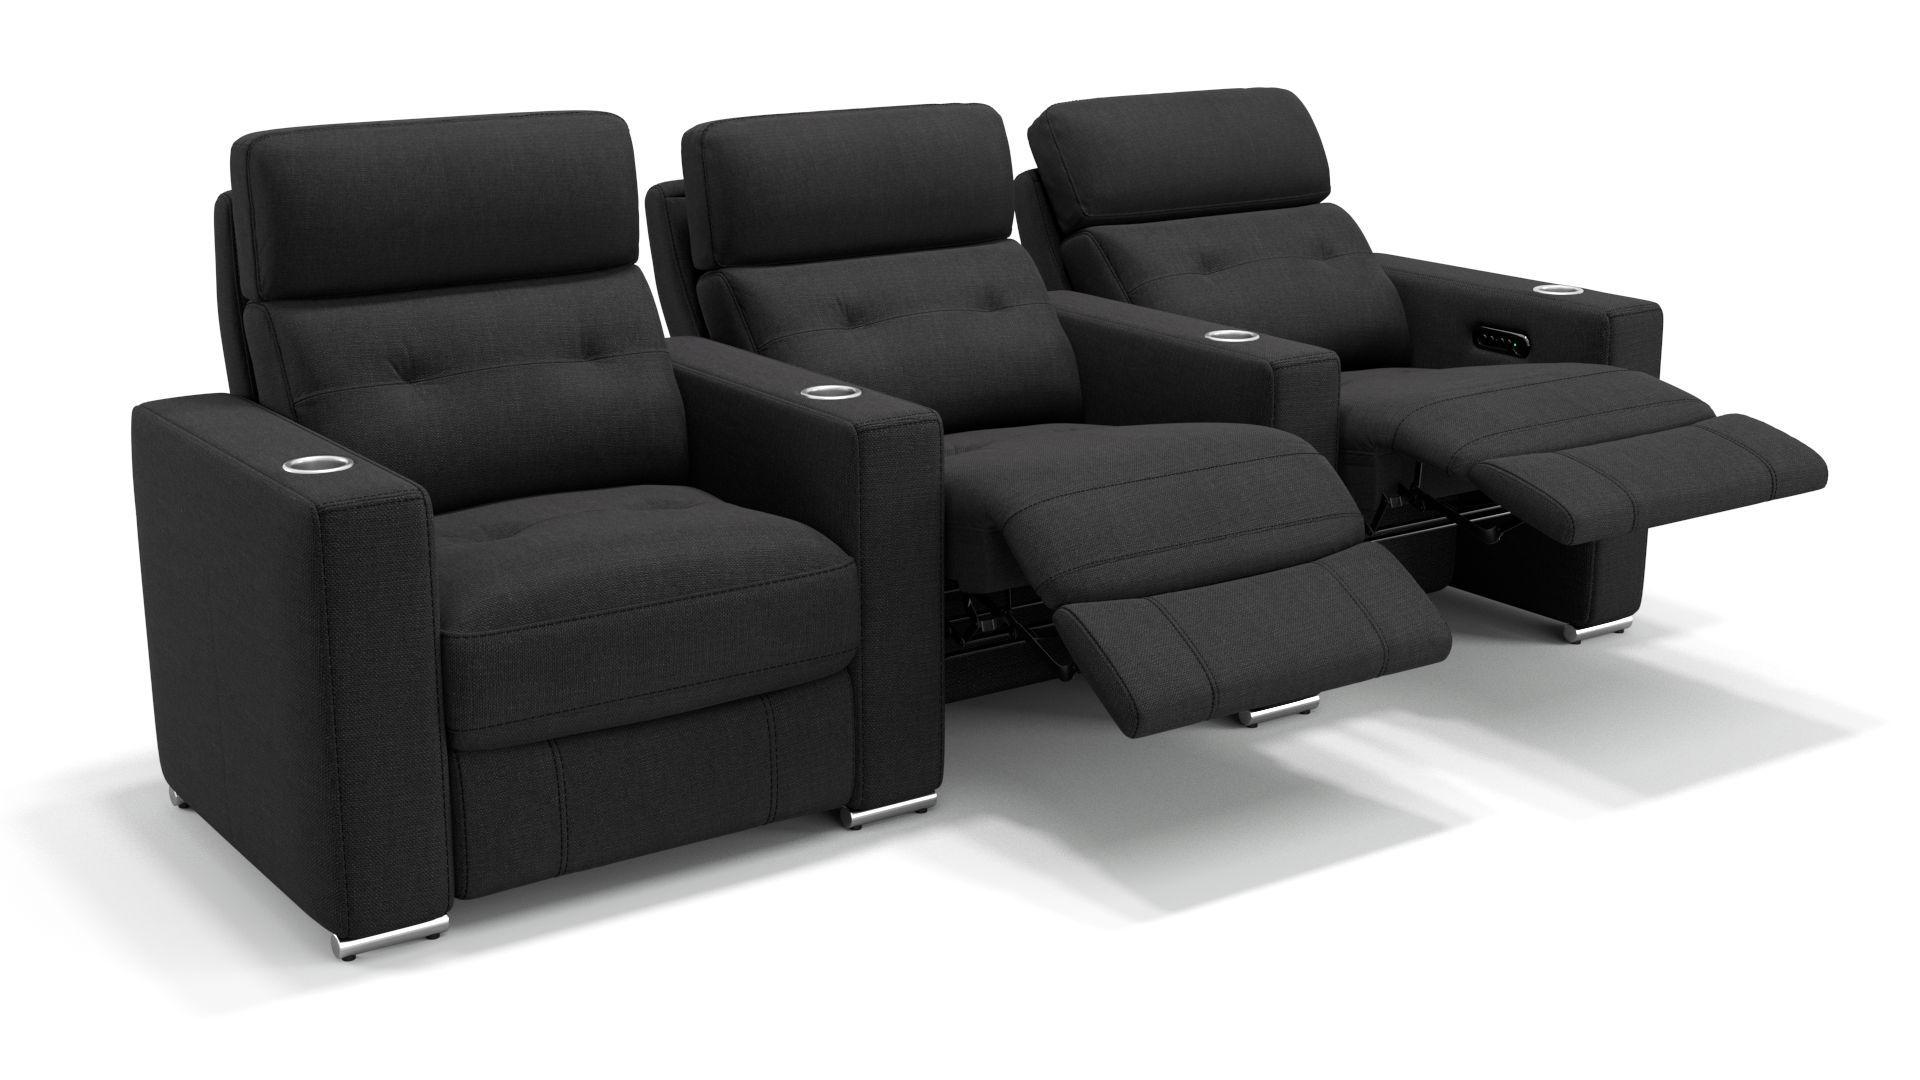 Details Elektrische Relaxfunktion Per Knopfdruck An Allen Sitzen Elektrisch Getrennt Verstellbare Kopflehnen Eingebauter In 2020 Fernsehzimmer Sofa Stoff Heimkino